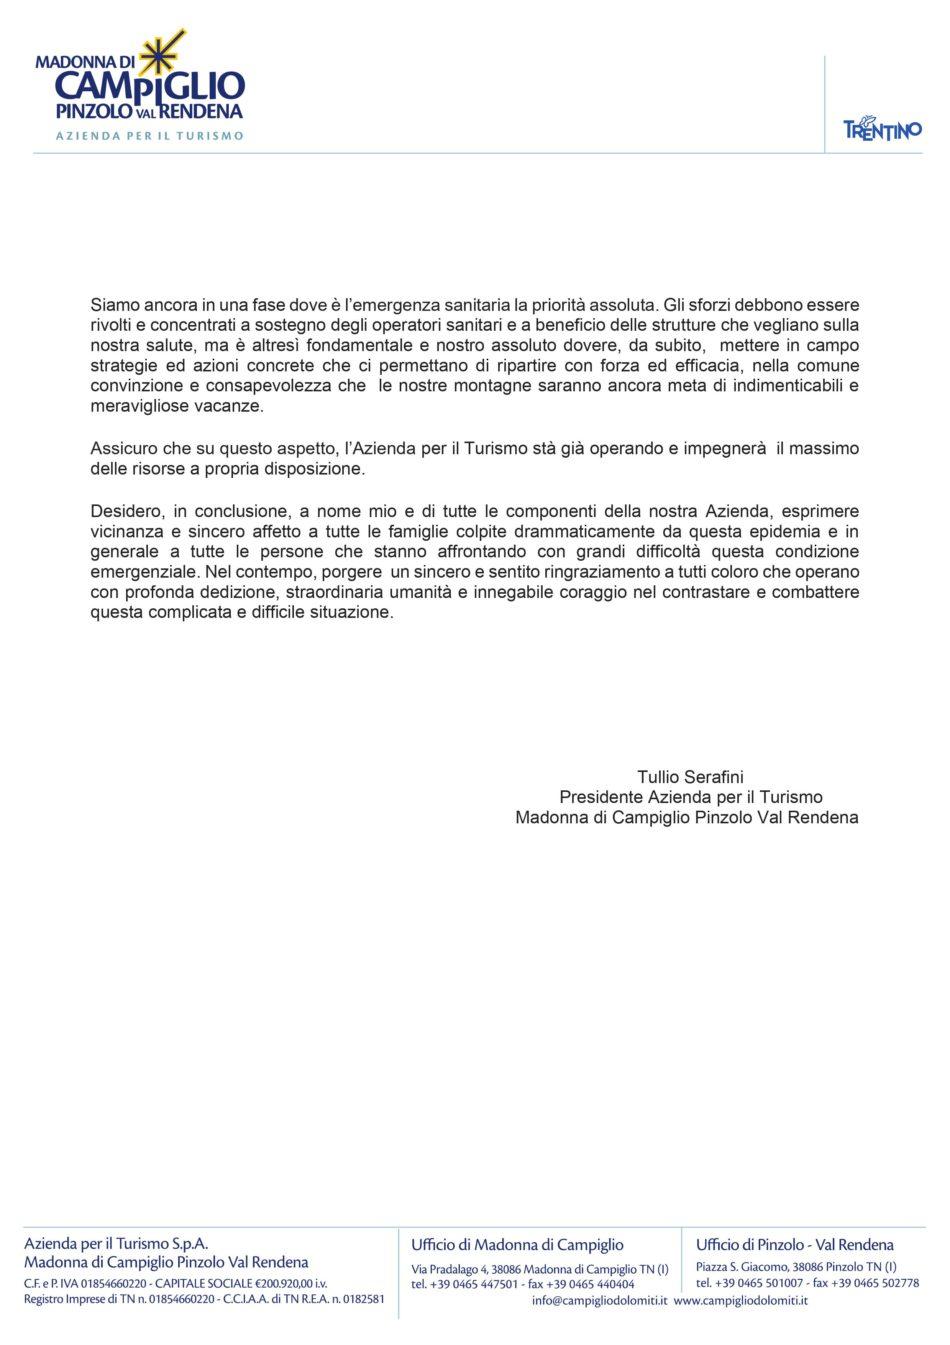 Lettera APT Campiglio Pinzolo Val Rendena